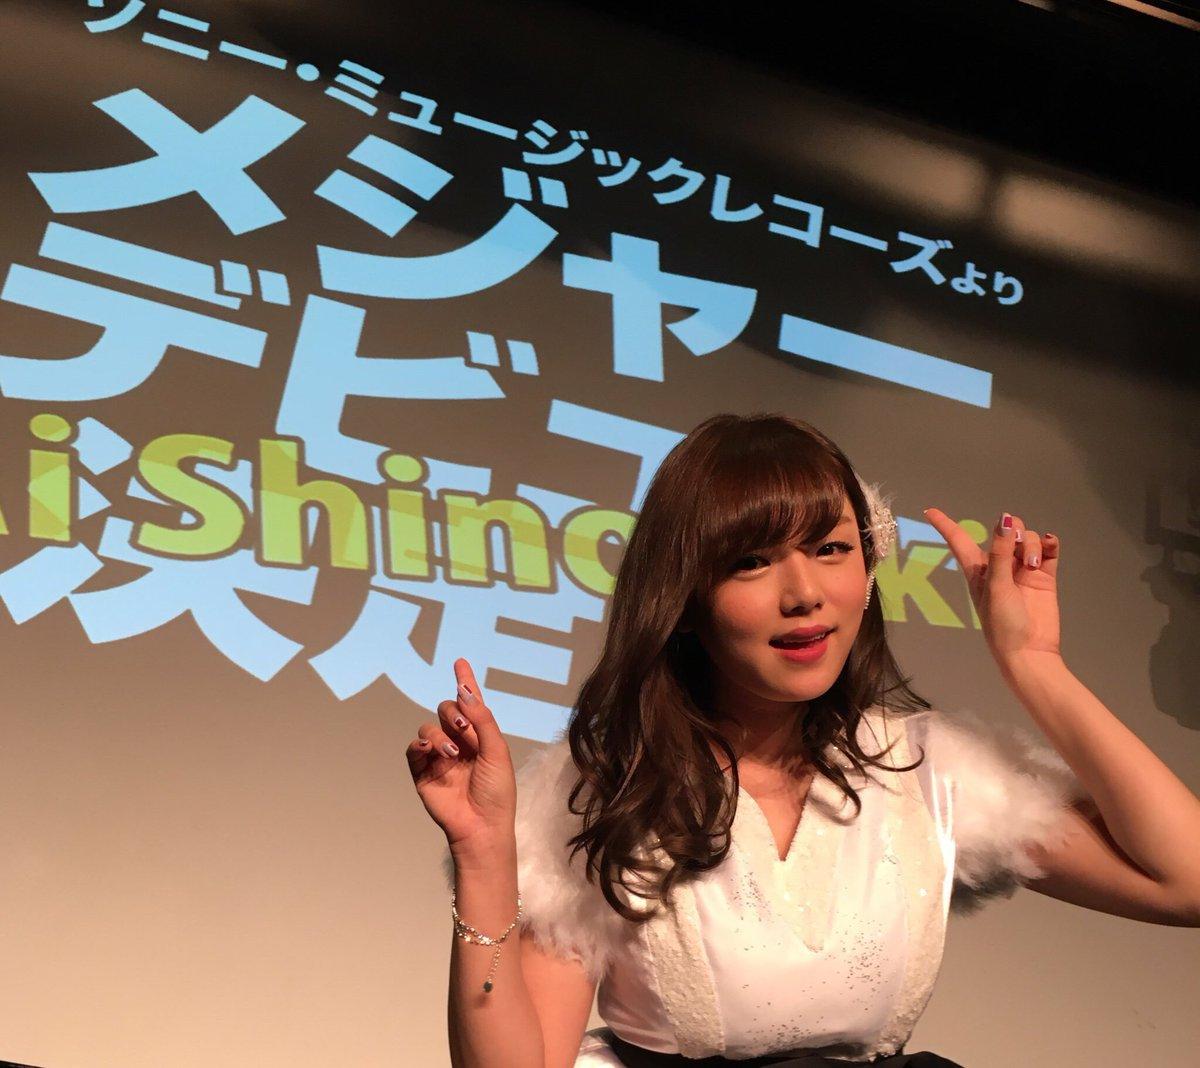 ☆篠崎愛ちゃんのグラビアが可愛すぎて幸せだよー62.9 [無断転載禁止]©2ch.netYouTube動画>2本 ->画像>863枚